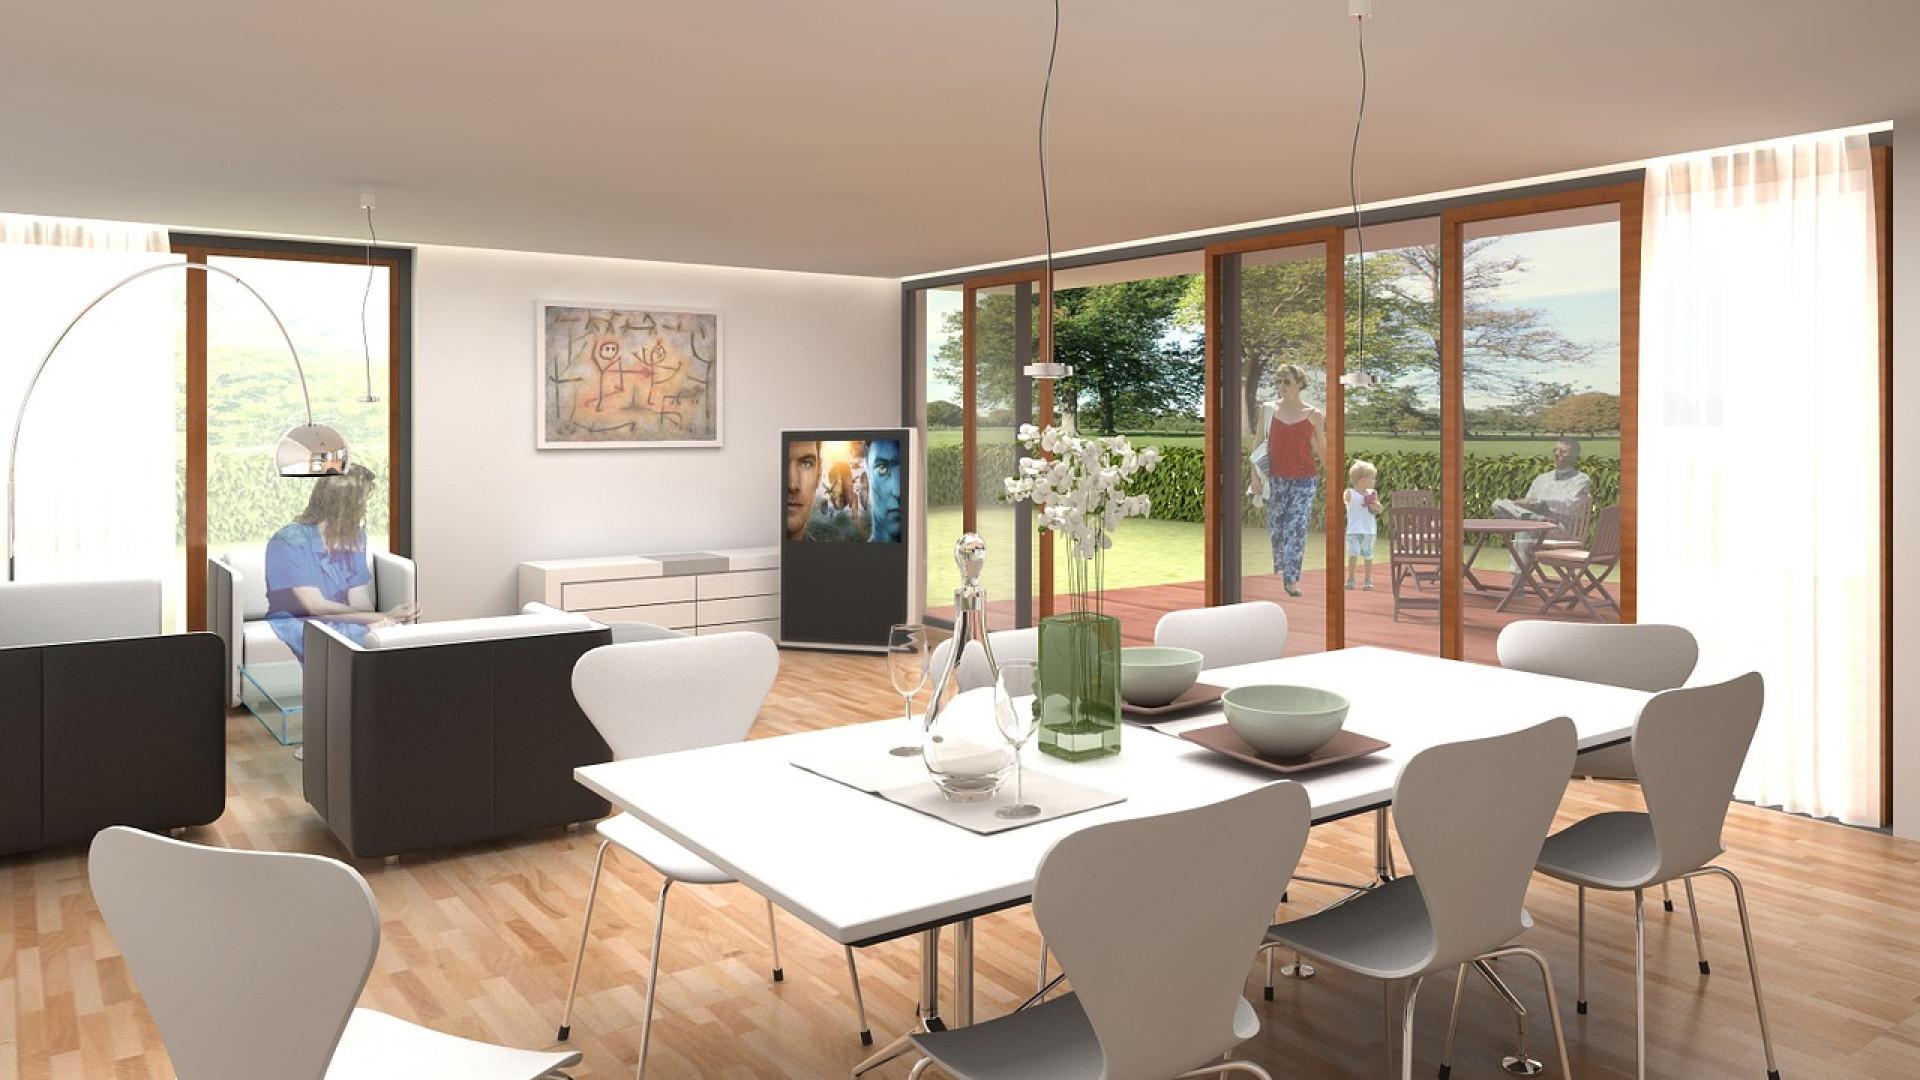 Location Corrèze : Comment trouver le bon logement ?